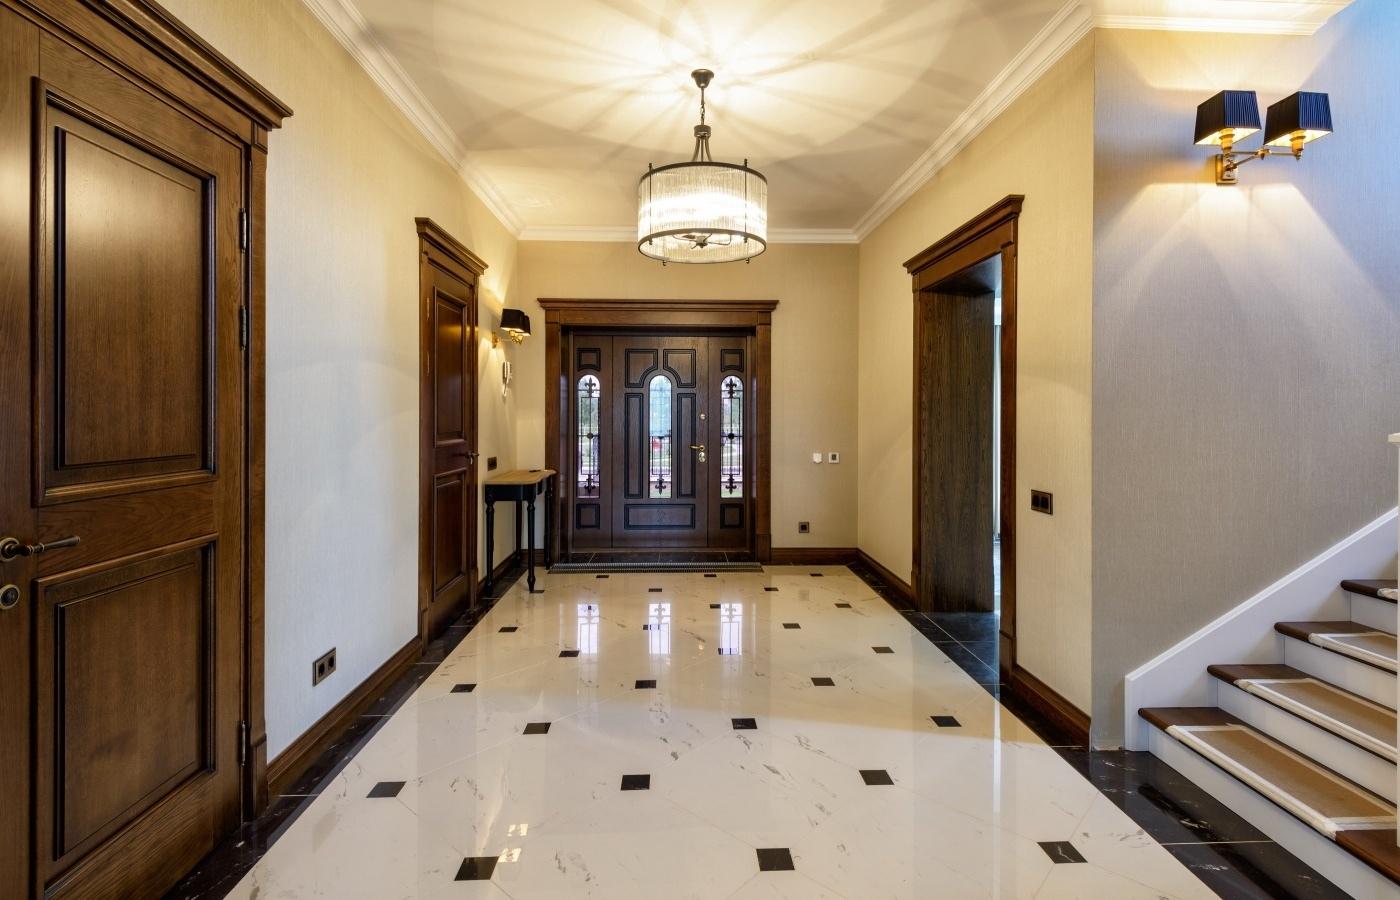 фото ремонта дома внутри разных комнат иллюминация будет